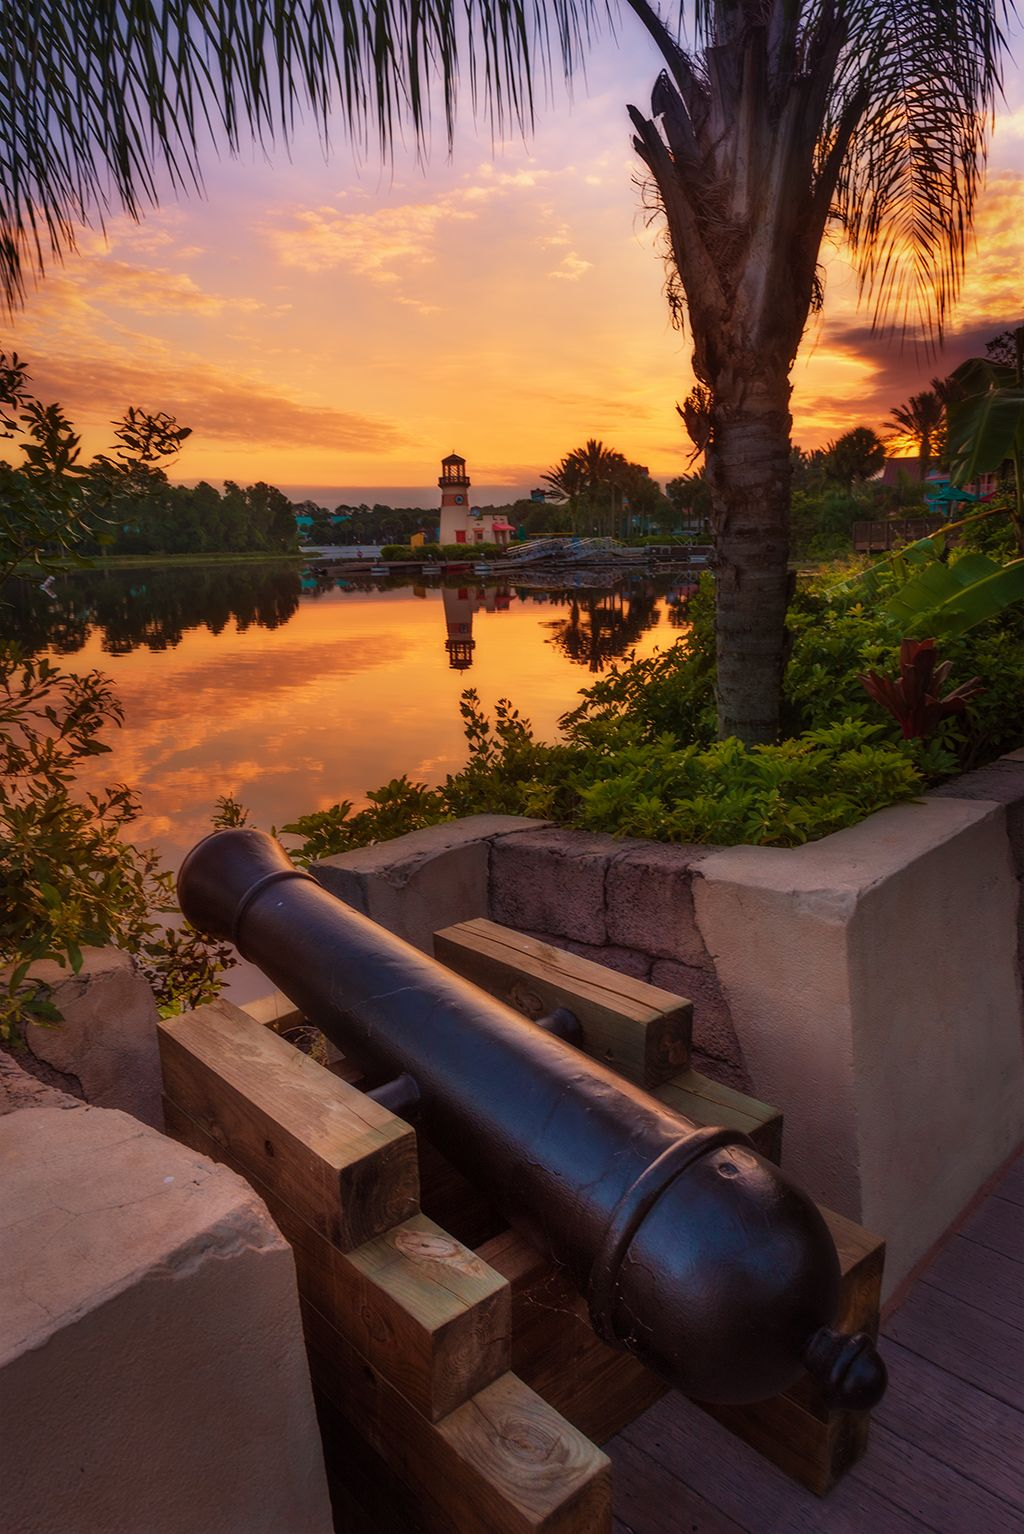 Disney's Caribbean Beach Resort Review